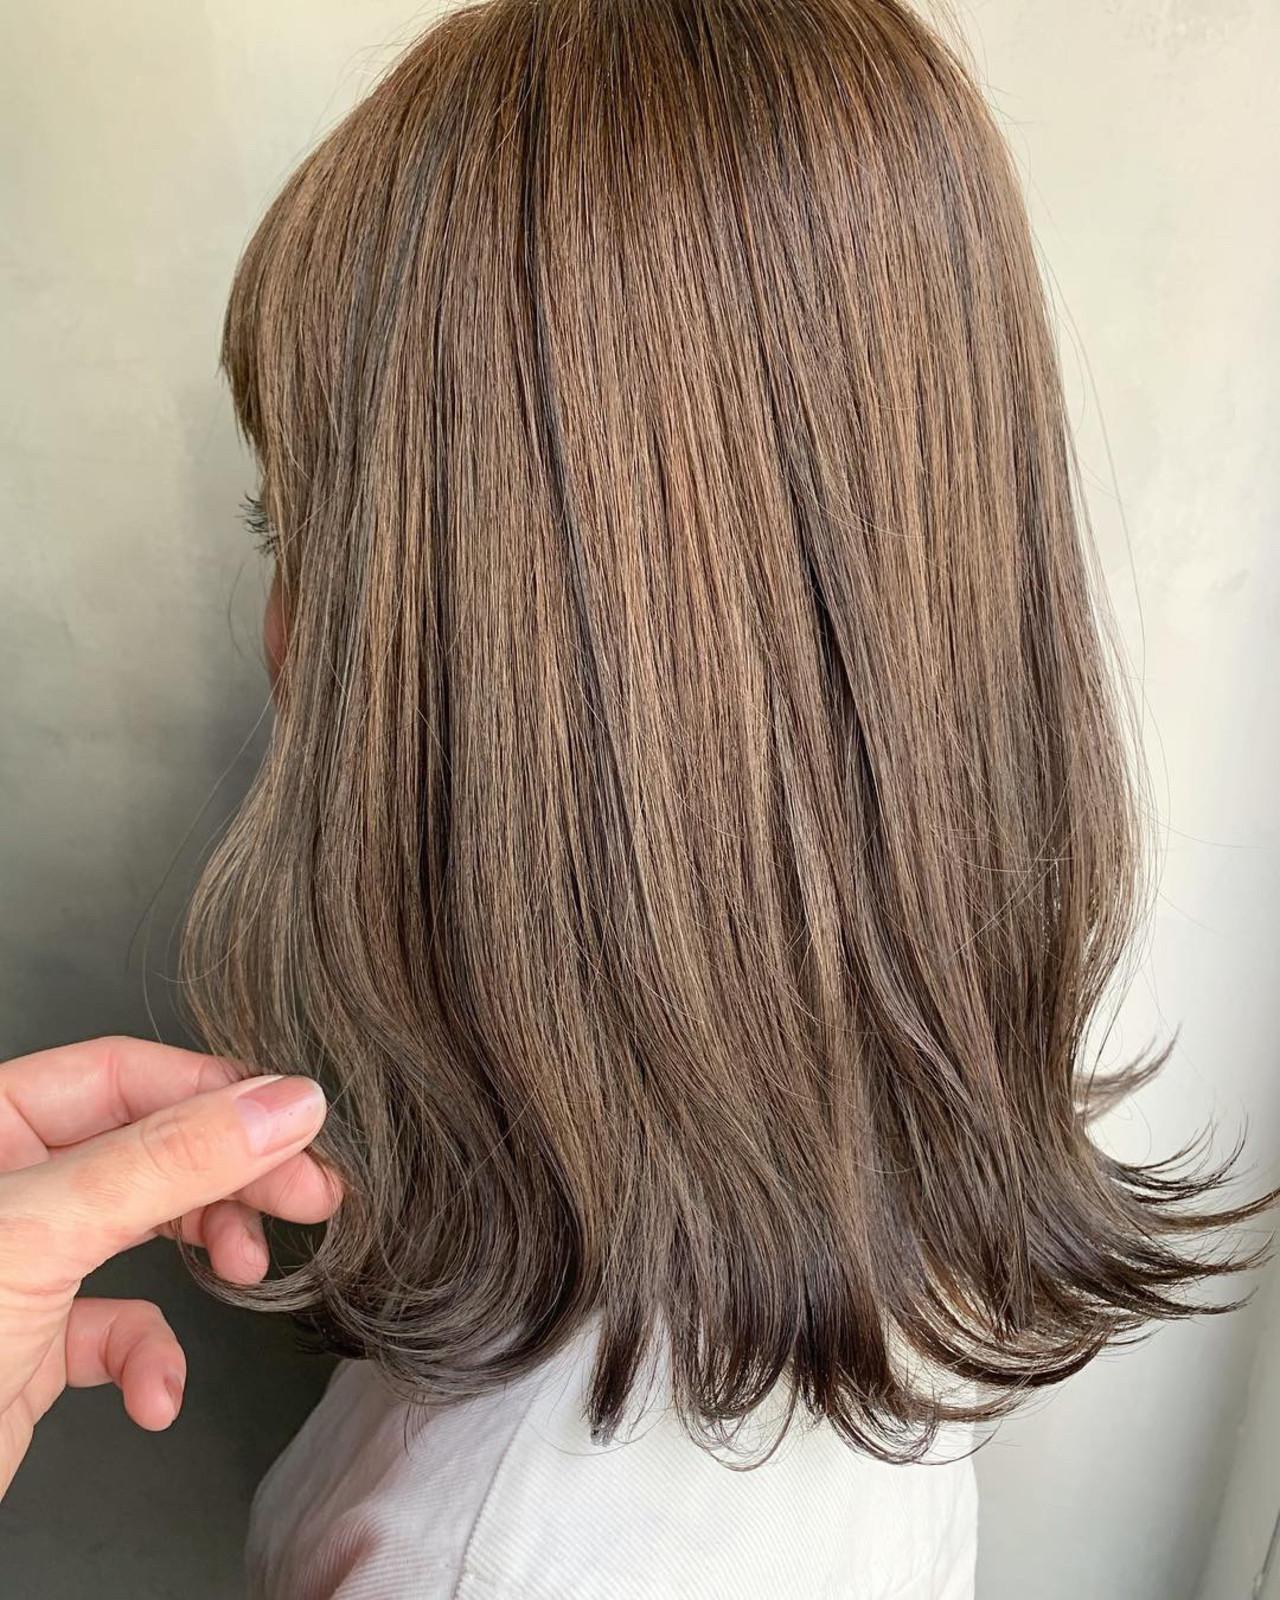 ローライト スモーキーアッシュベージュ 波ウェーブ アッシュベージュ ヘアスタイルや髪型の写真・画像